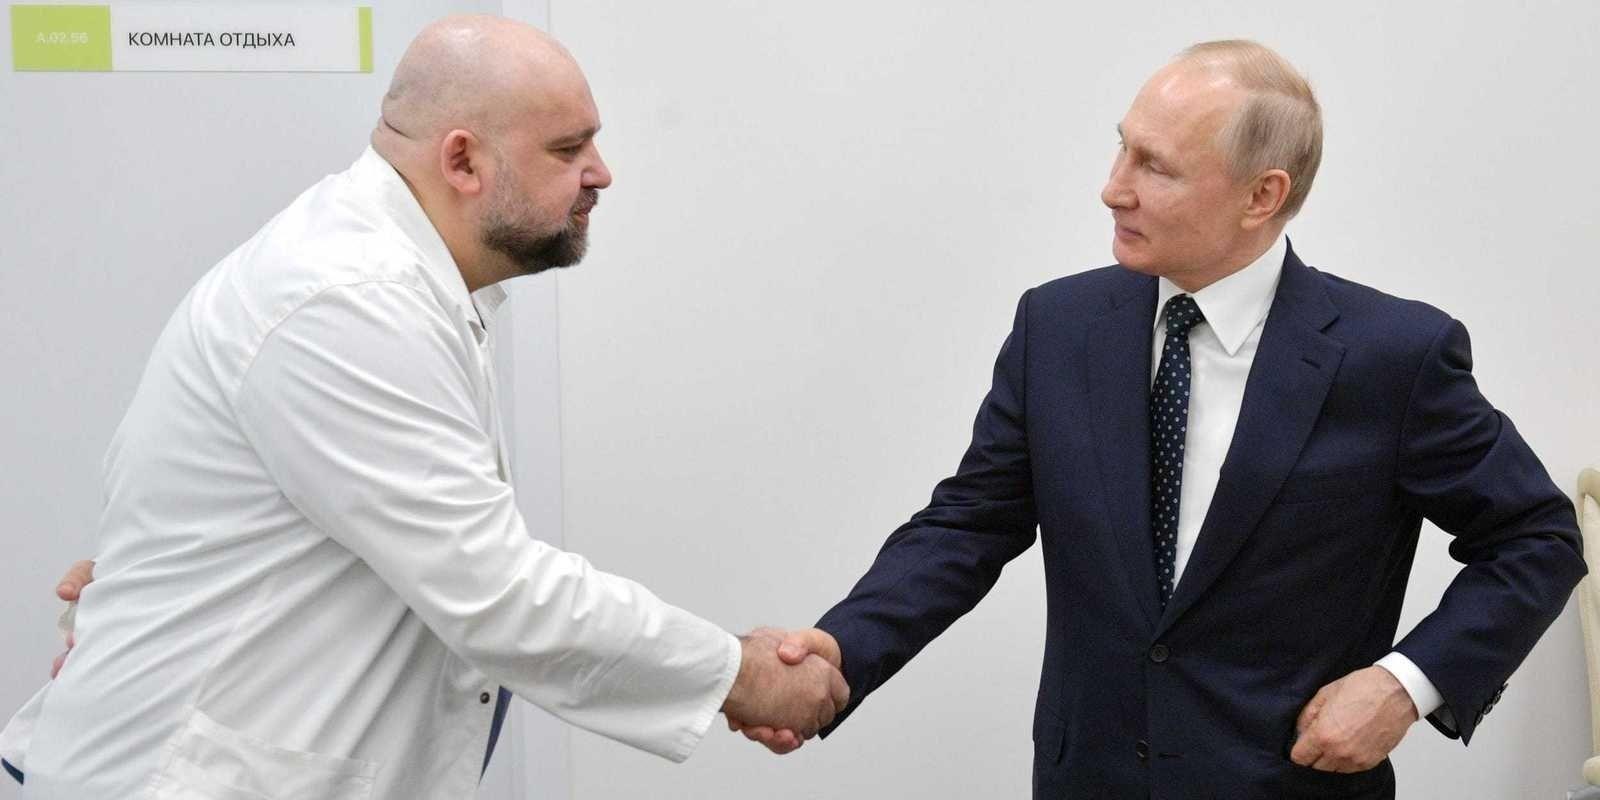 ОХУ-ын ерөнхийлөгч Владимир Путинтэй гар барьсан эмчээс коронавирусийн халдвар илэрчээ